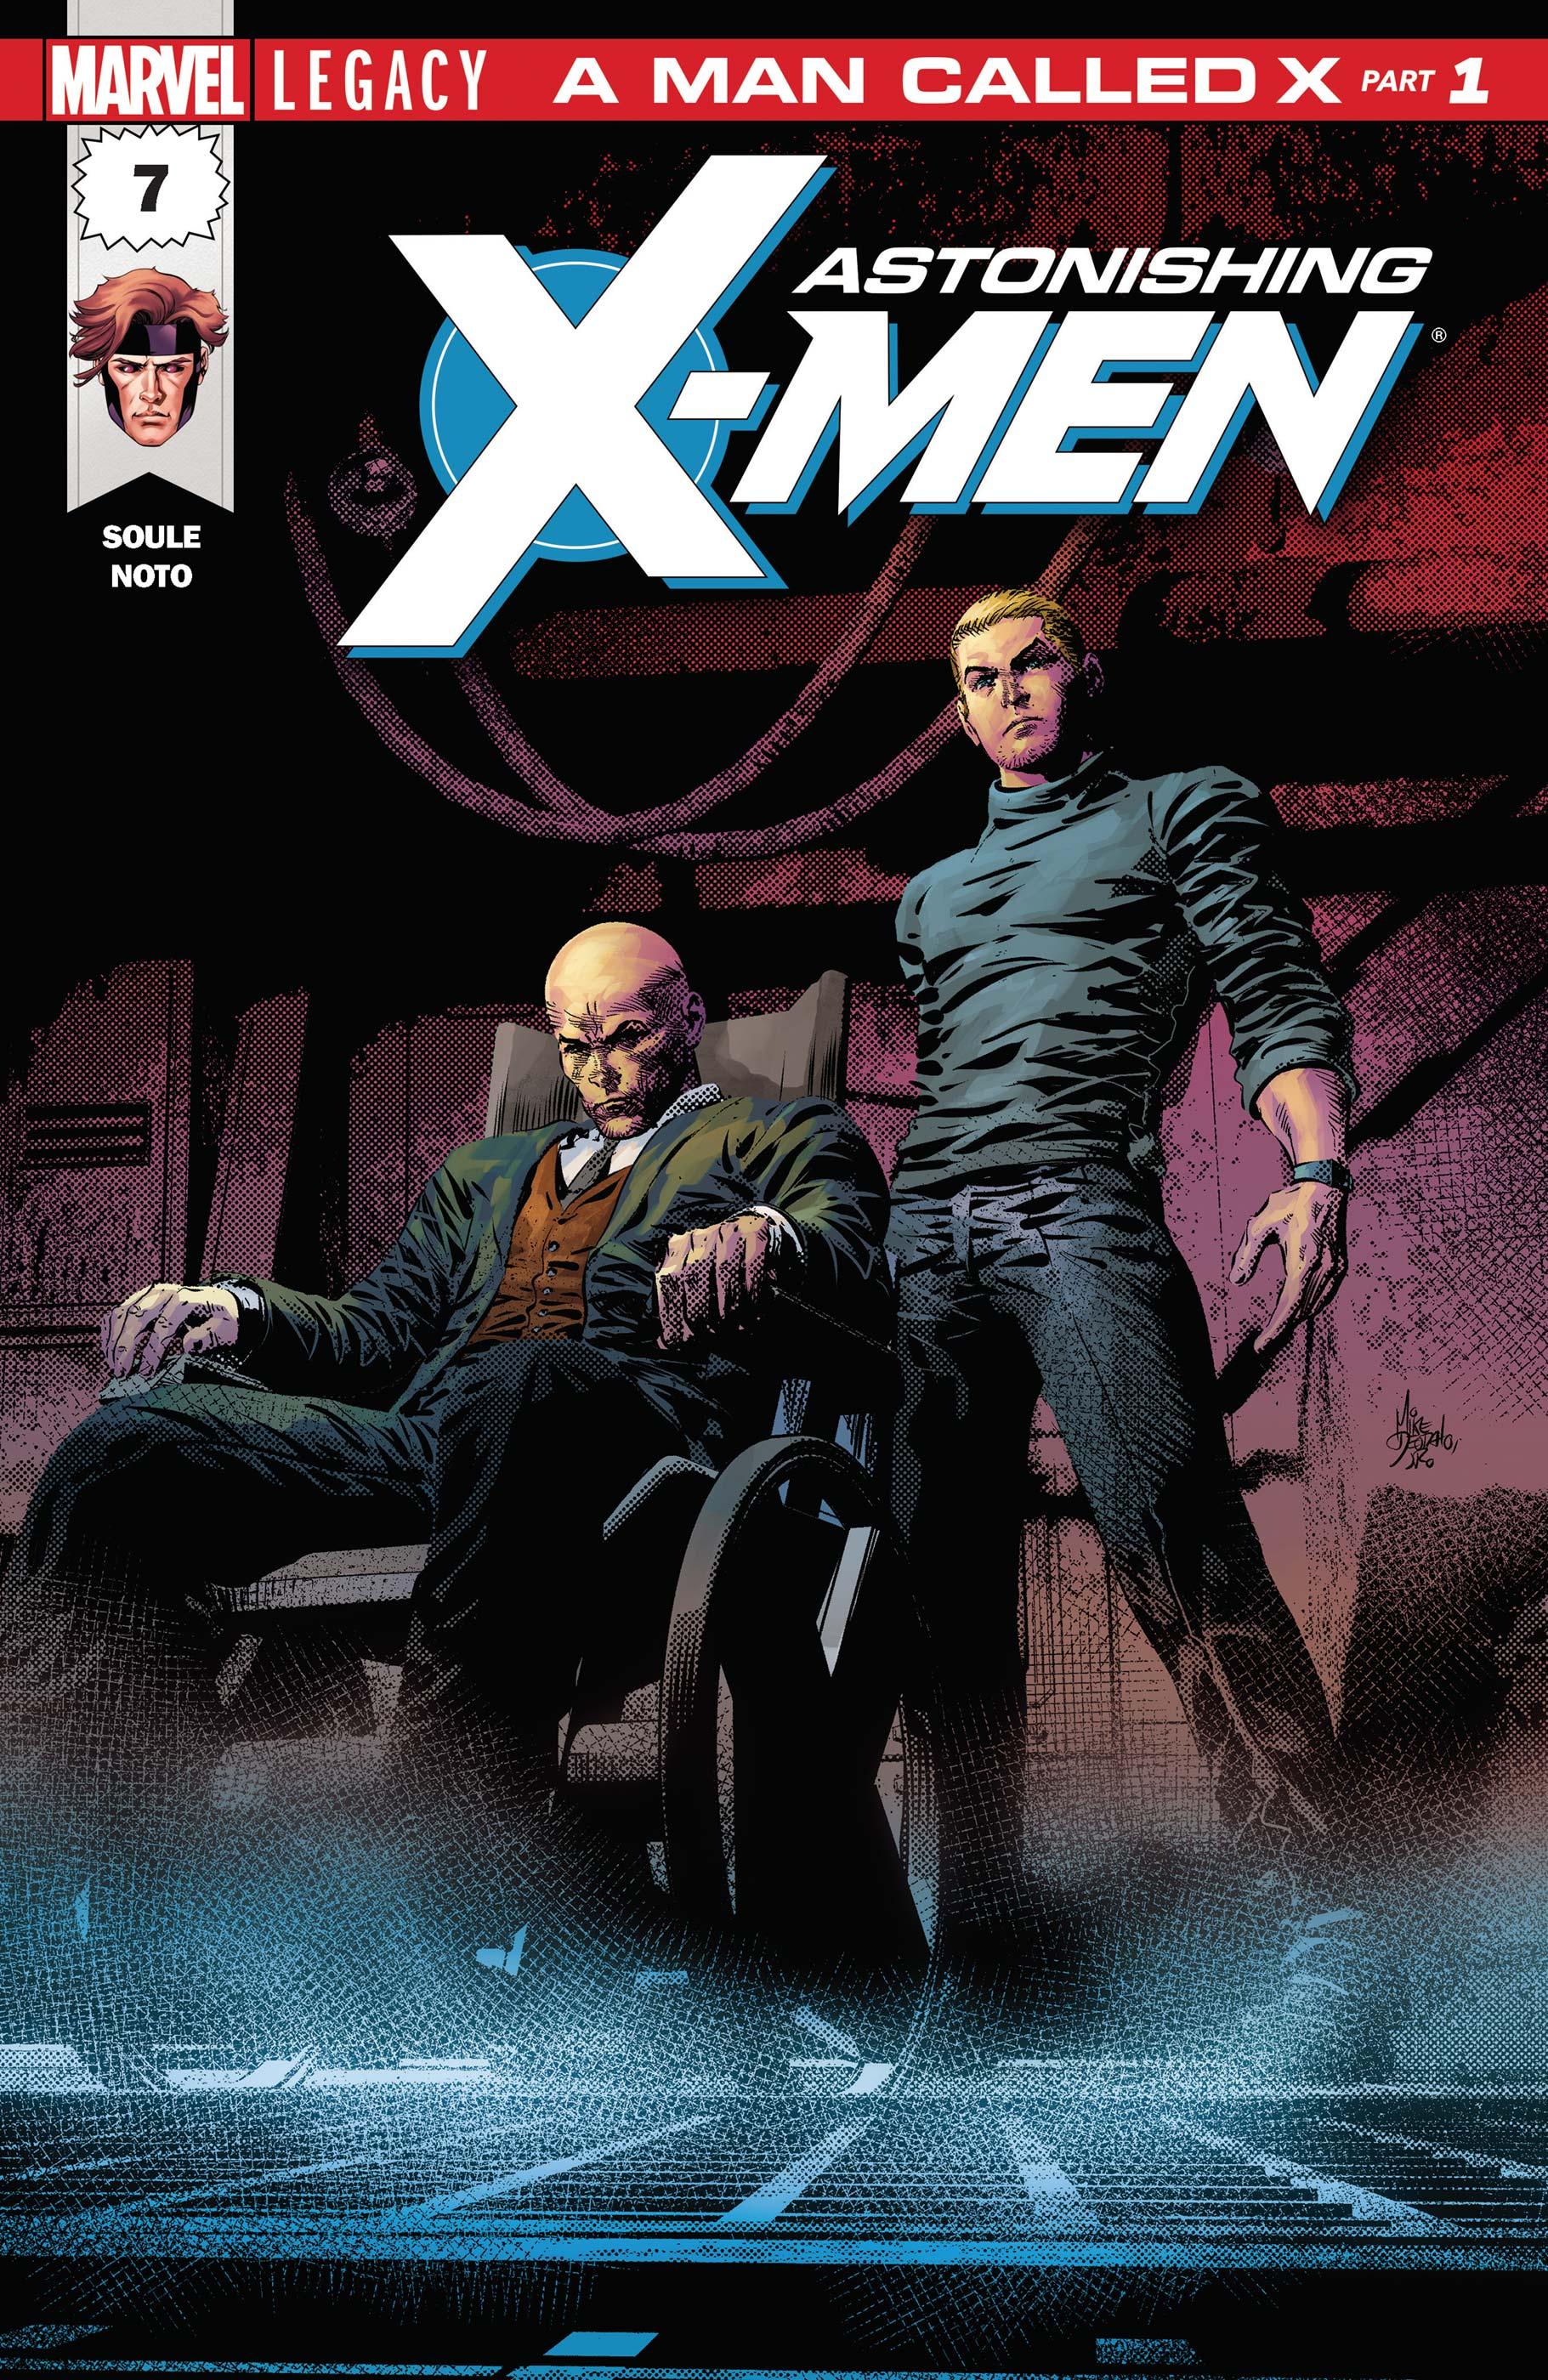 Astonishing X-Men (2017) #7